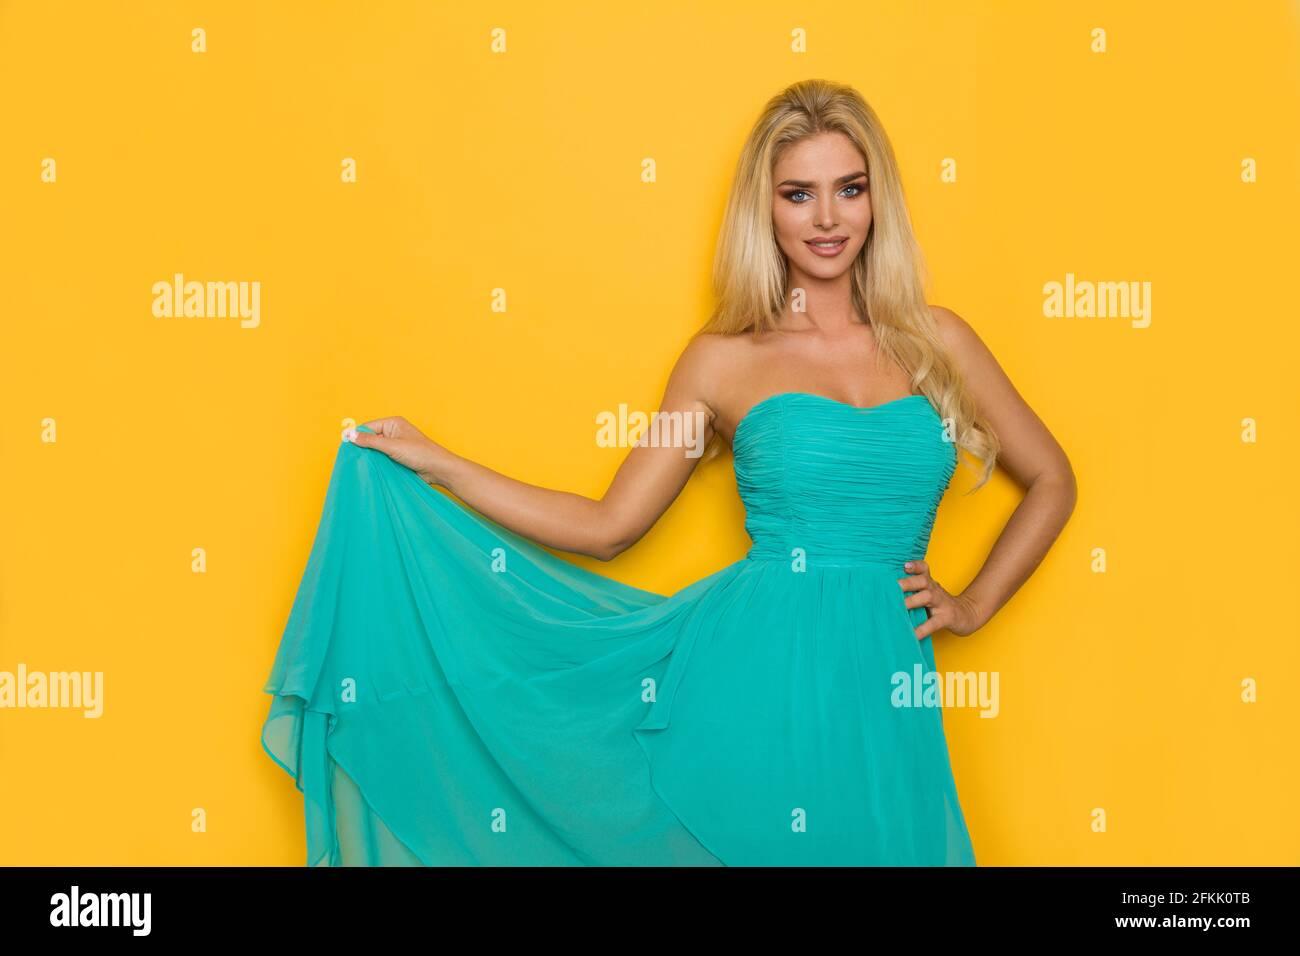 Belle femme blonde pose dans la robe tuquoise et regarde la caméra. Trois quarts de long studio tourné sur fond jaune. Banque D'Images